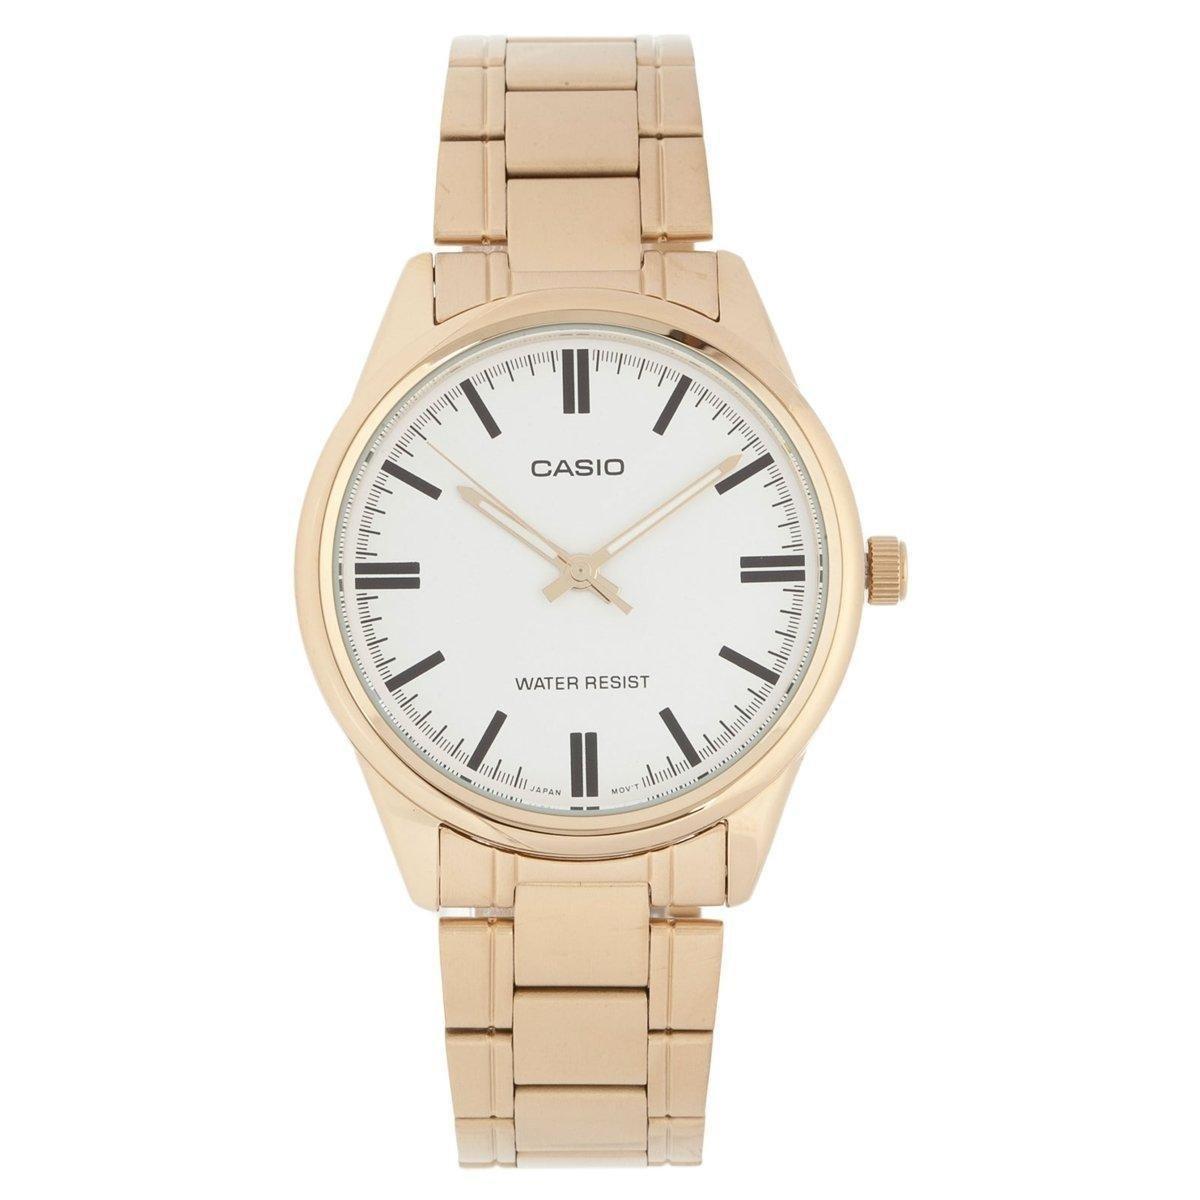 3b09d7b7fcf Relógio Feminino Casio - Dourado - Compre Agora